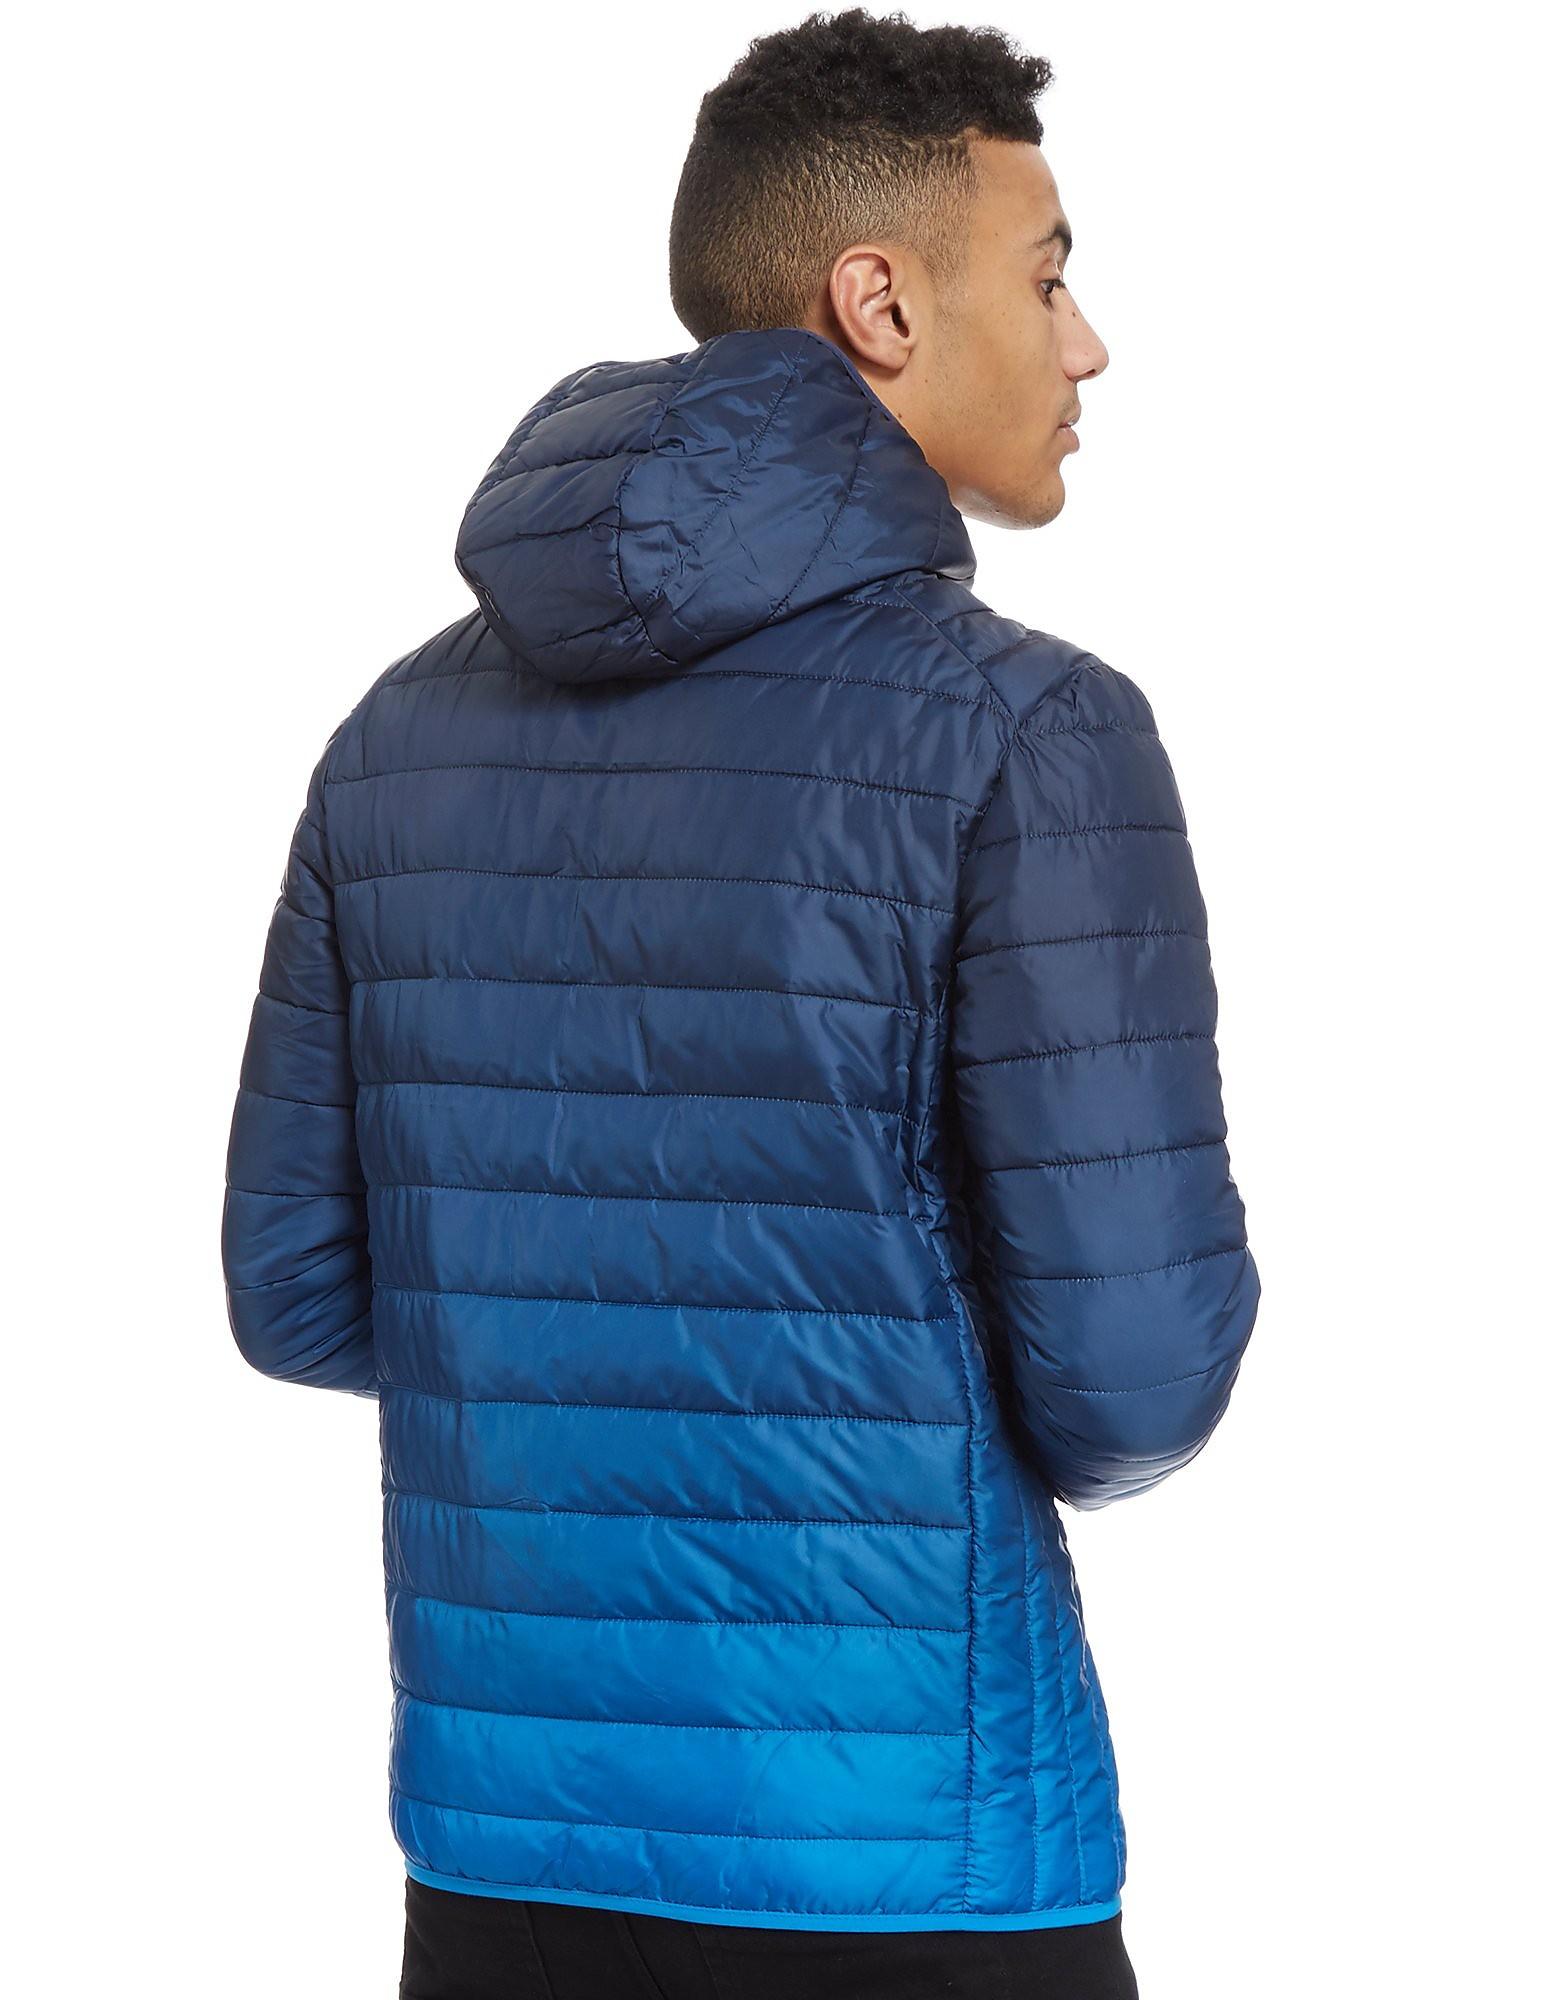 Ellesse Lombardy Jacket